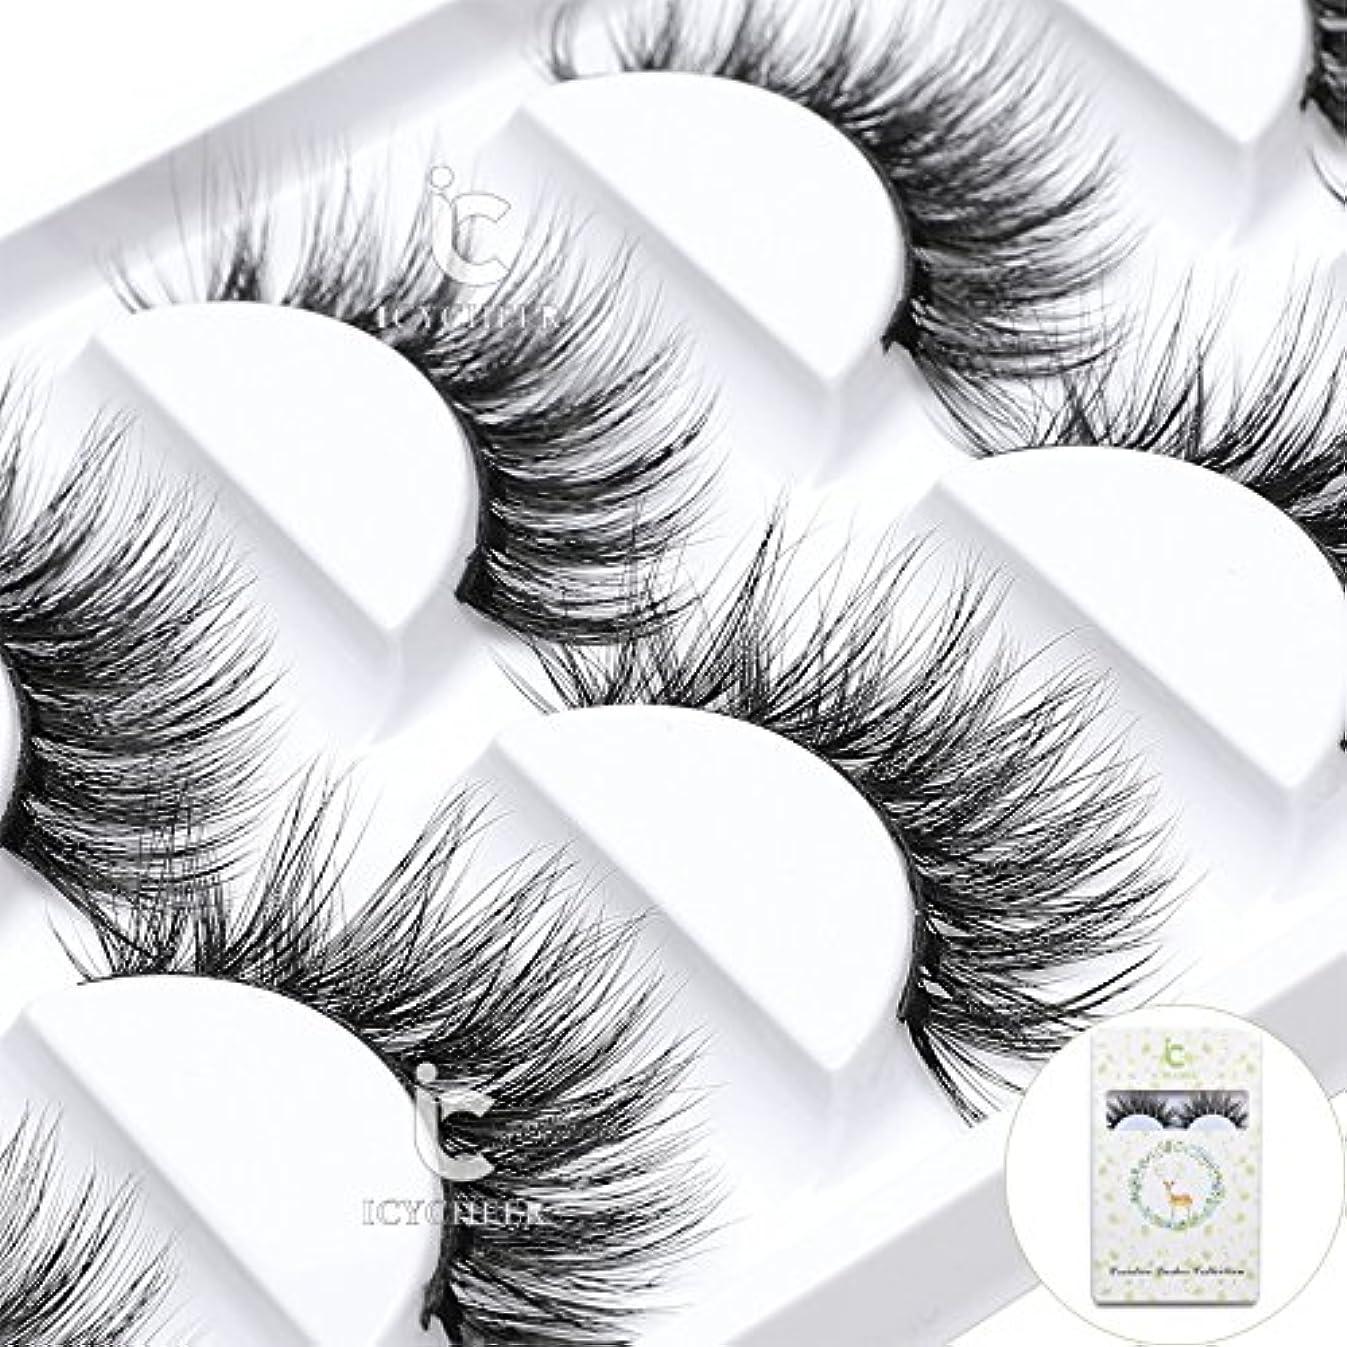 規模凍る適切にICYCHEER 5 pairs 3dミンク毛皮偽まつげエクステンション100%シベリアミンク手作り長い厚いメッシー手作り偽アイまつげ